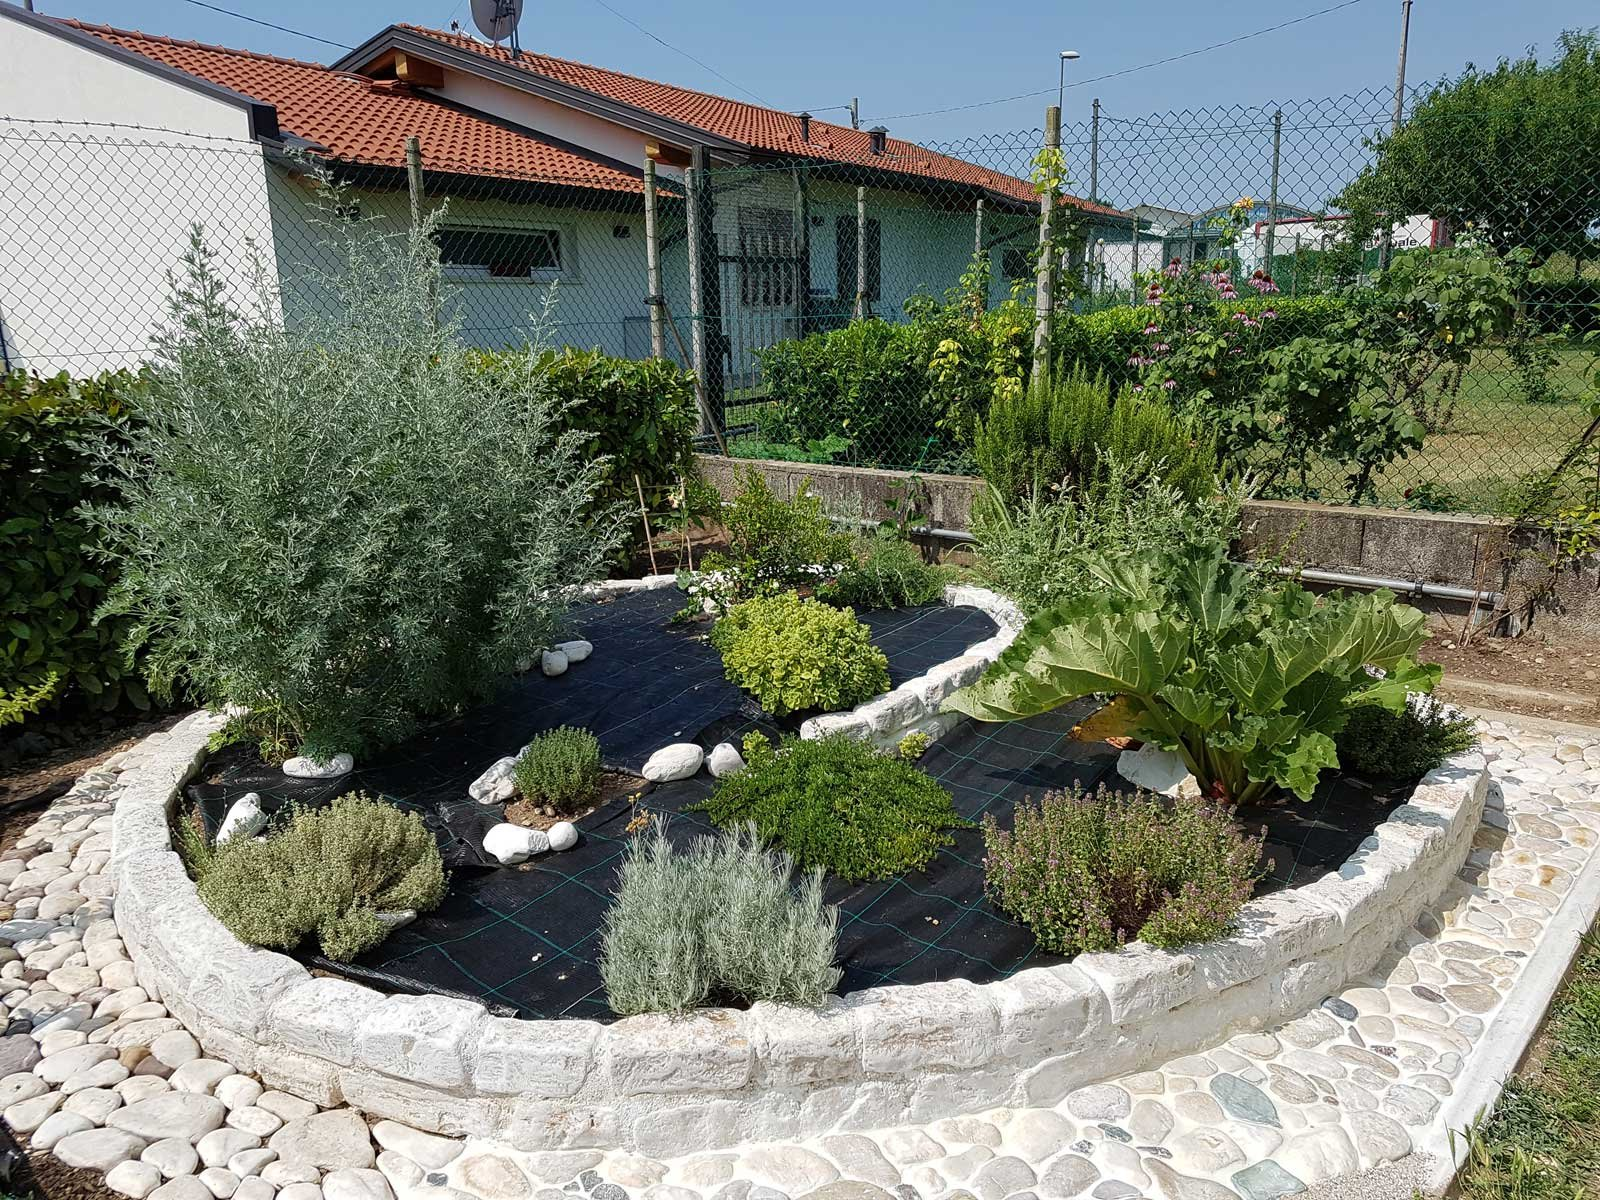 Aiuola per erbe aromatiche cose di casa - Erbe aromatiche in casa ...